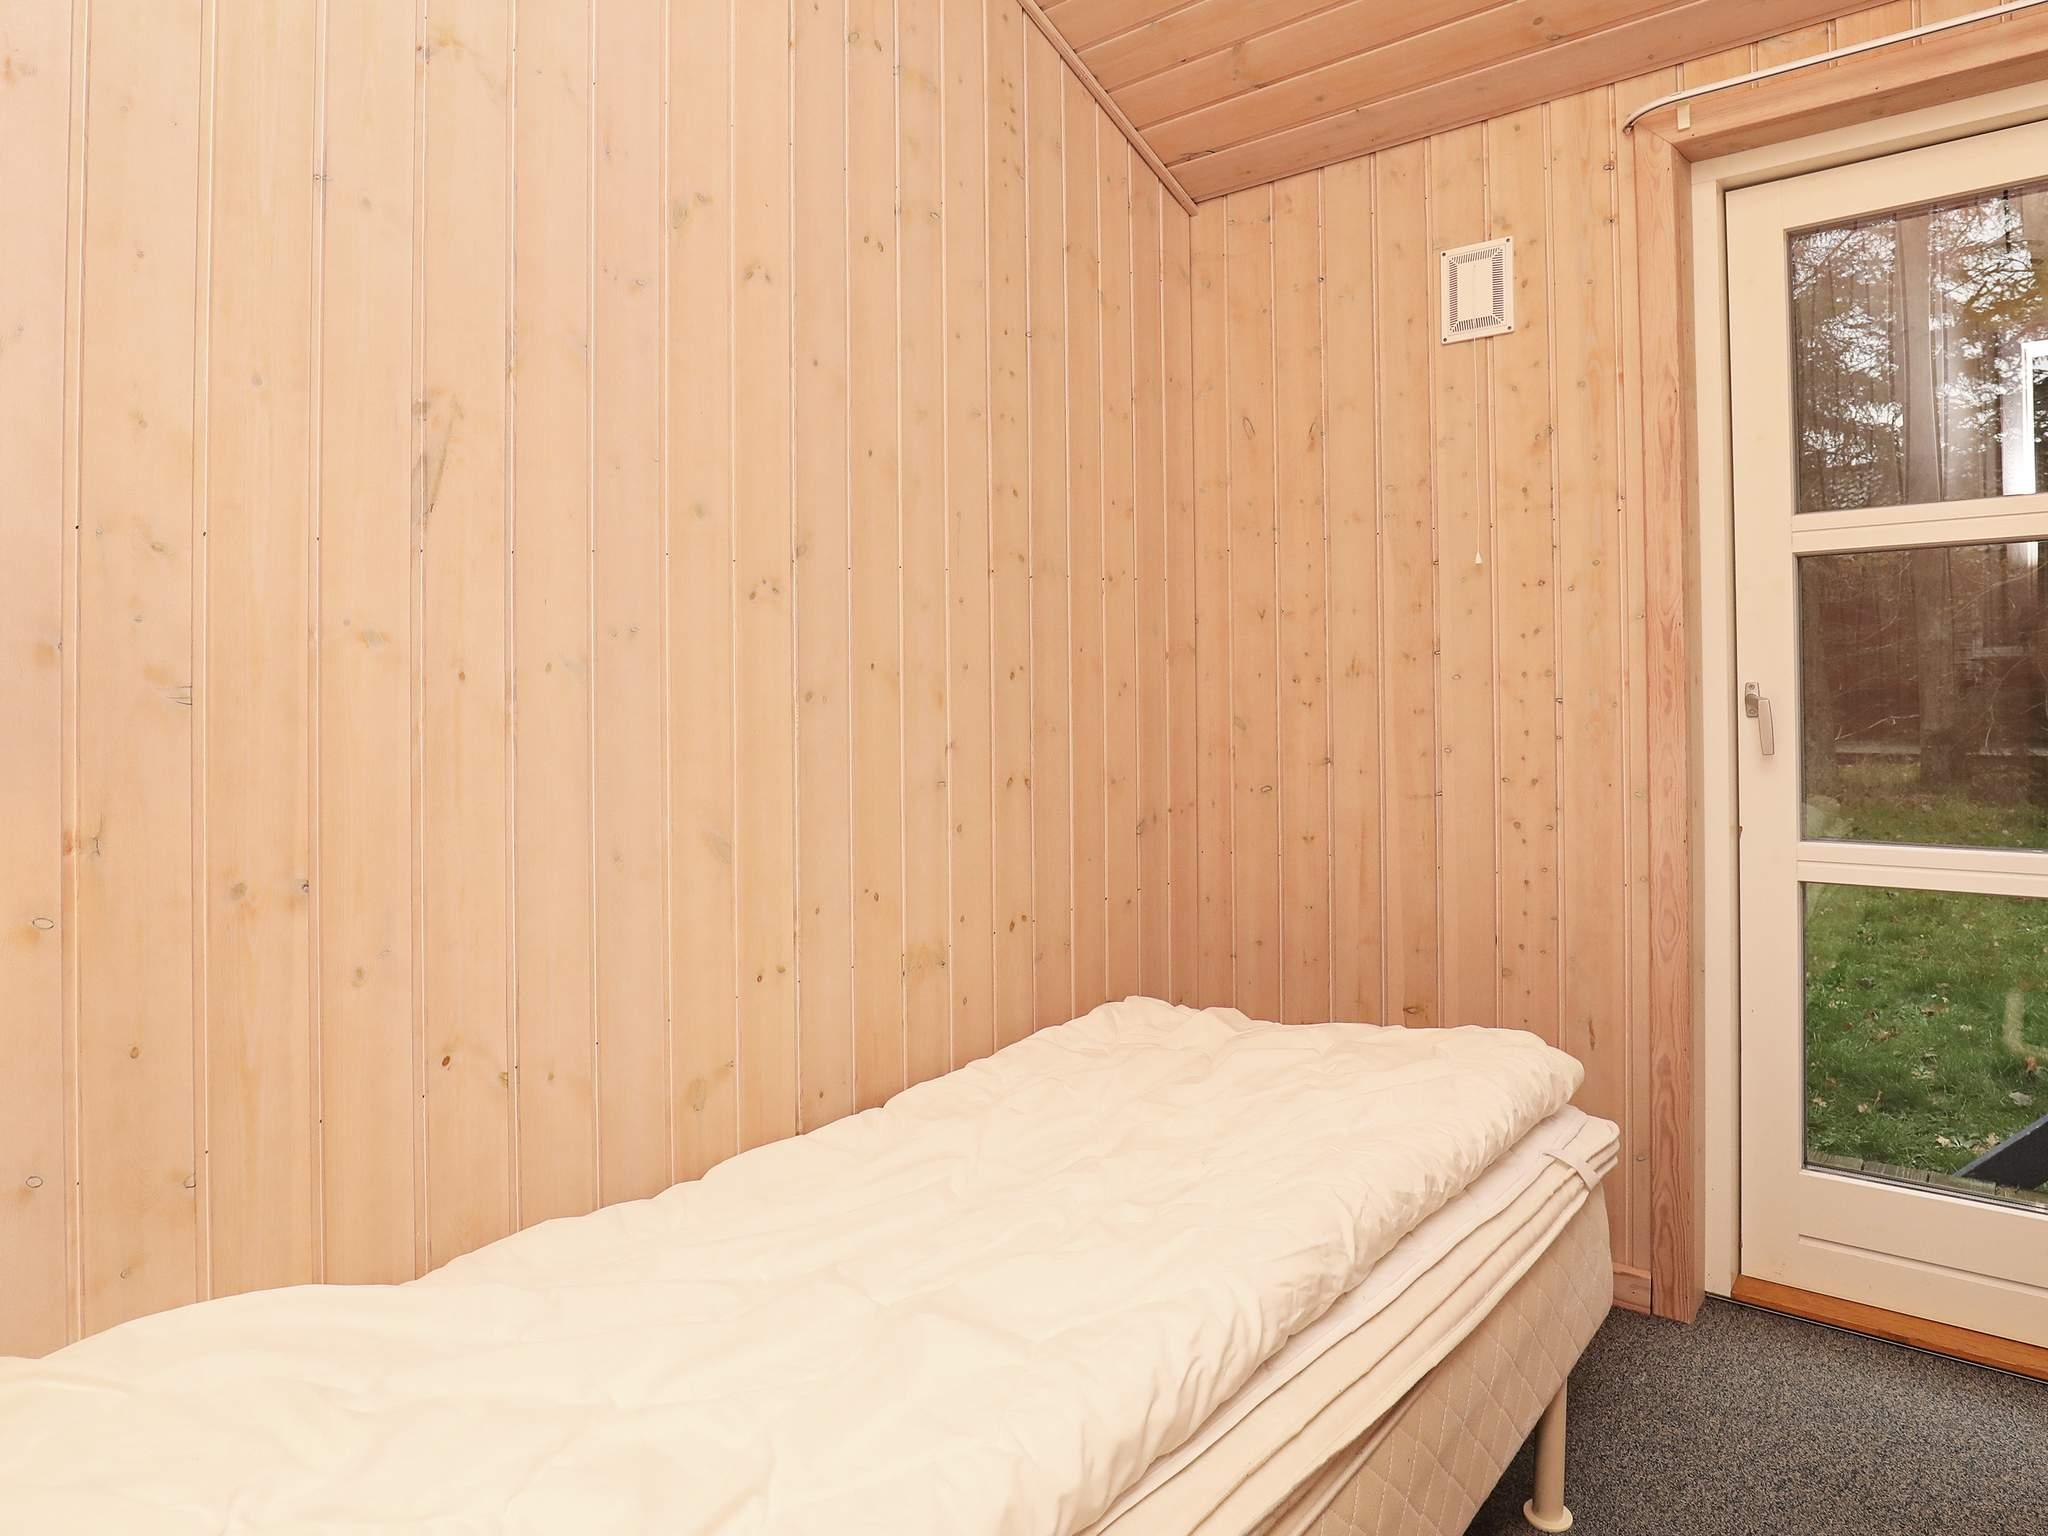 Ferienhaus Lodskovvad (683644), Lodskovvad, , Dänische Nordsee, Dänemark, Bild 12